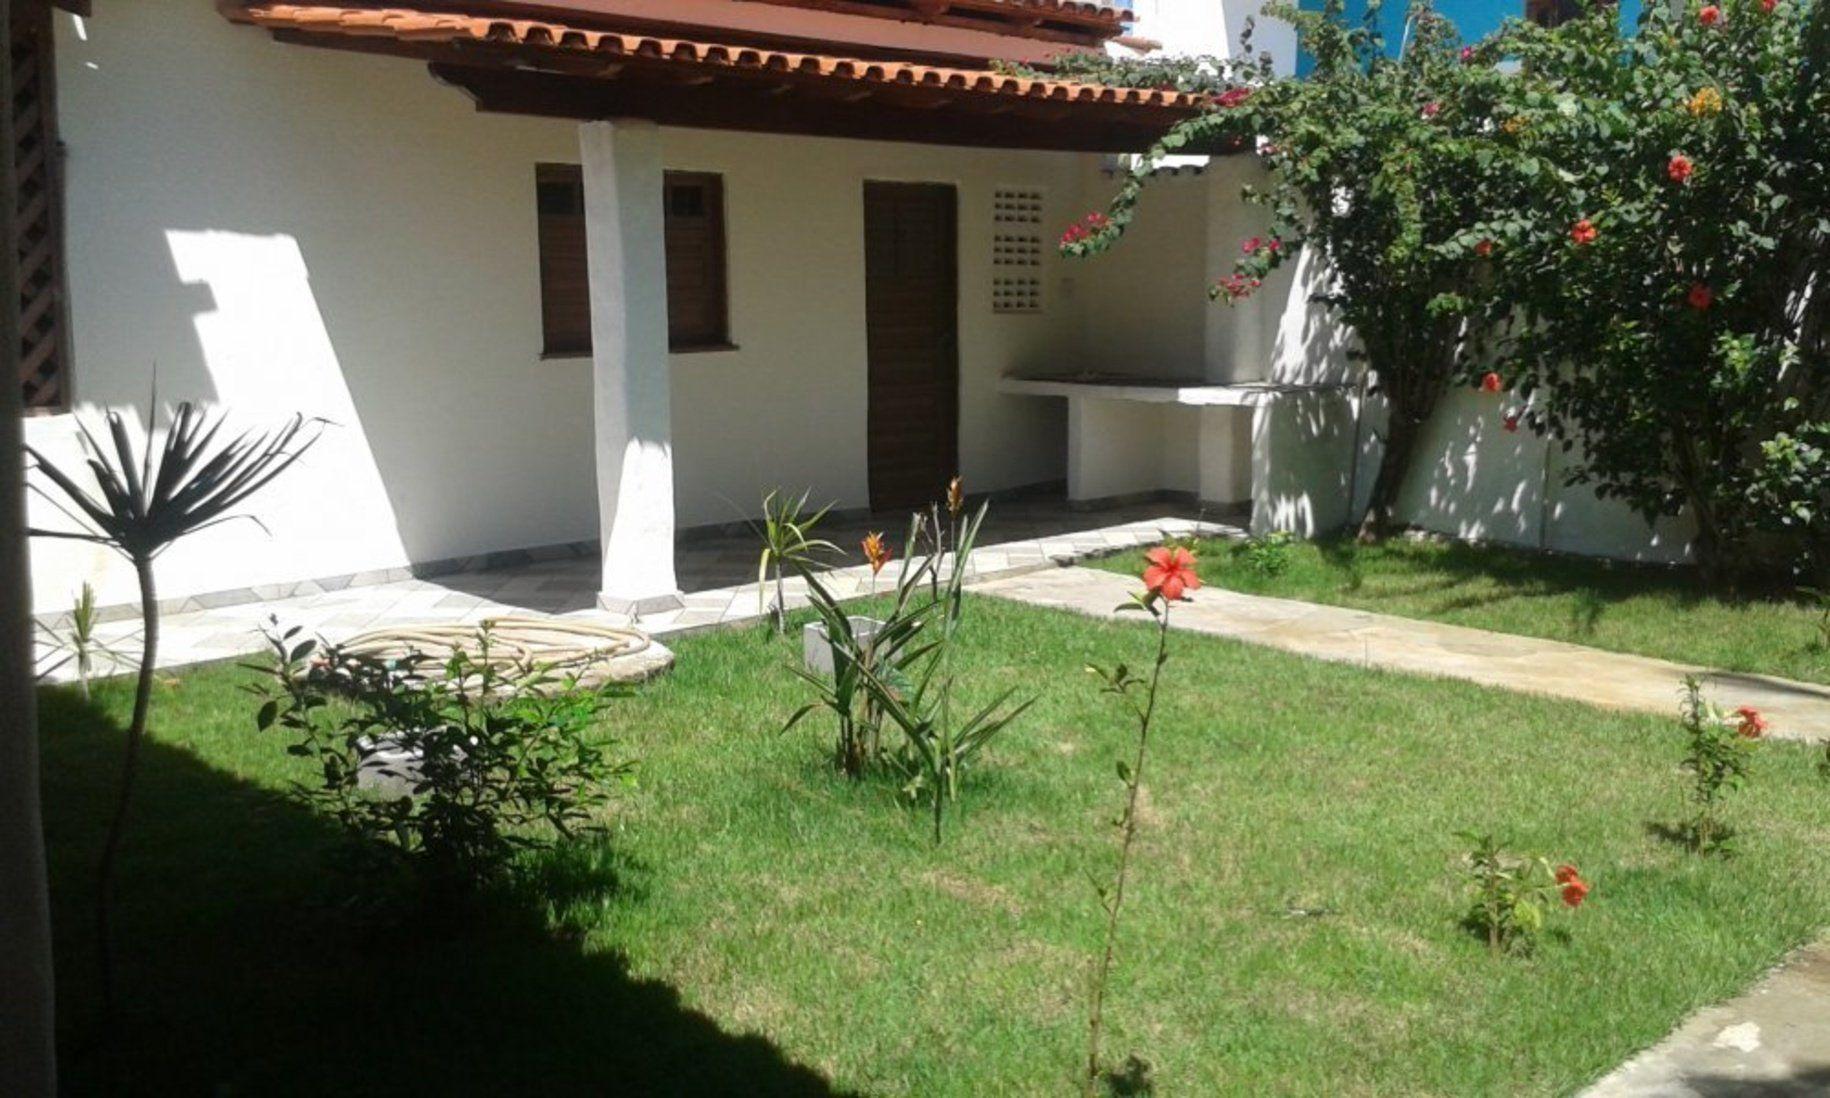 Brasilien Bahia Immobilie In Canavieiras Haus Am Meer Zu Verkaufen Kaufpreis 15 Reduziert Auf 89 000 Euro Brasil Haus Am Meer Immobilien Gewerbeimmobilien